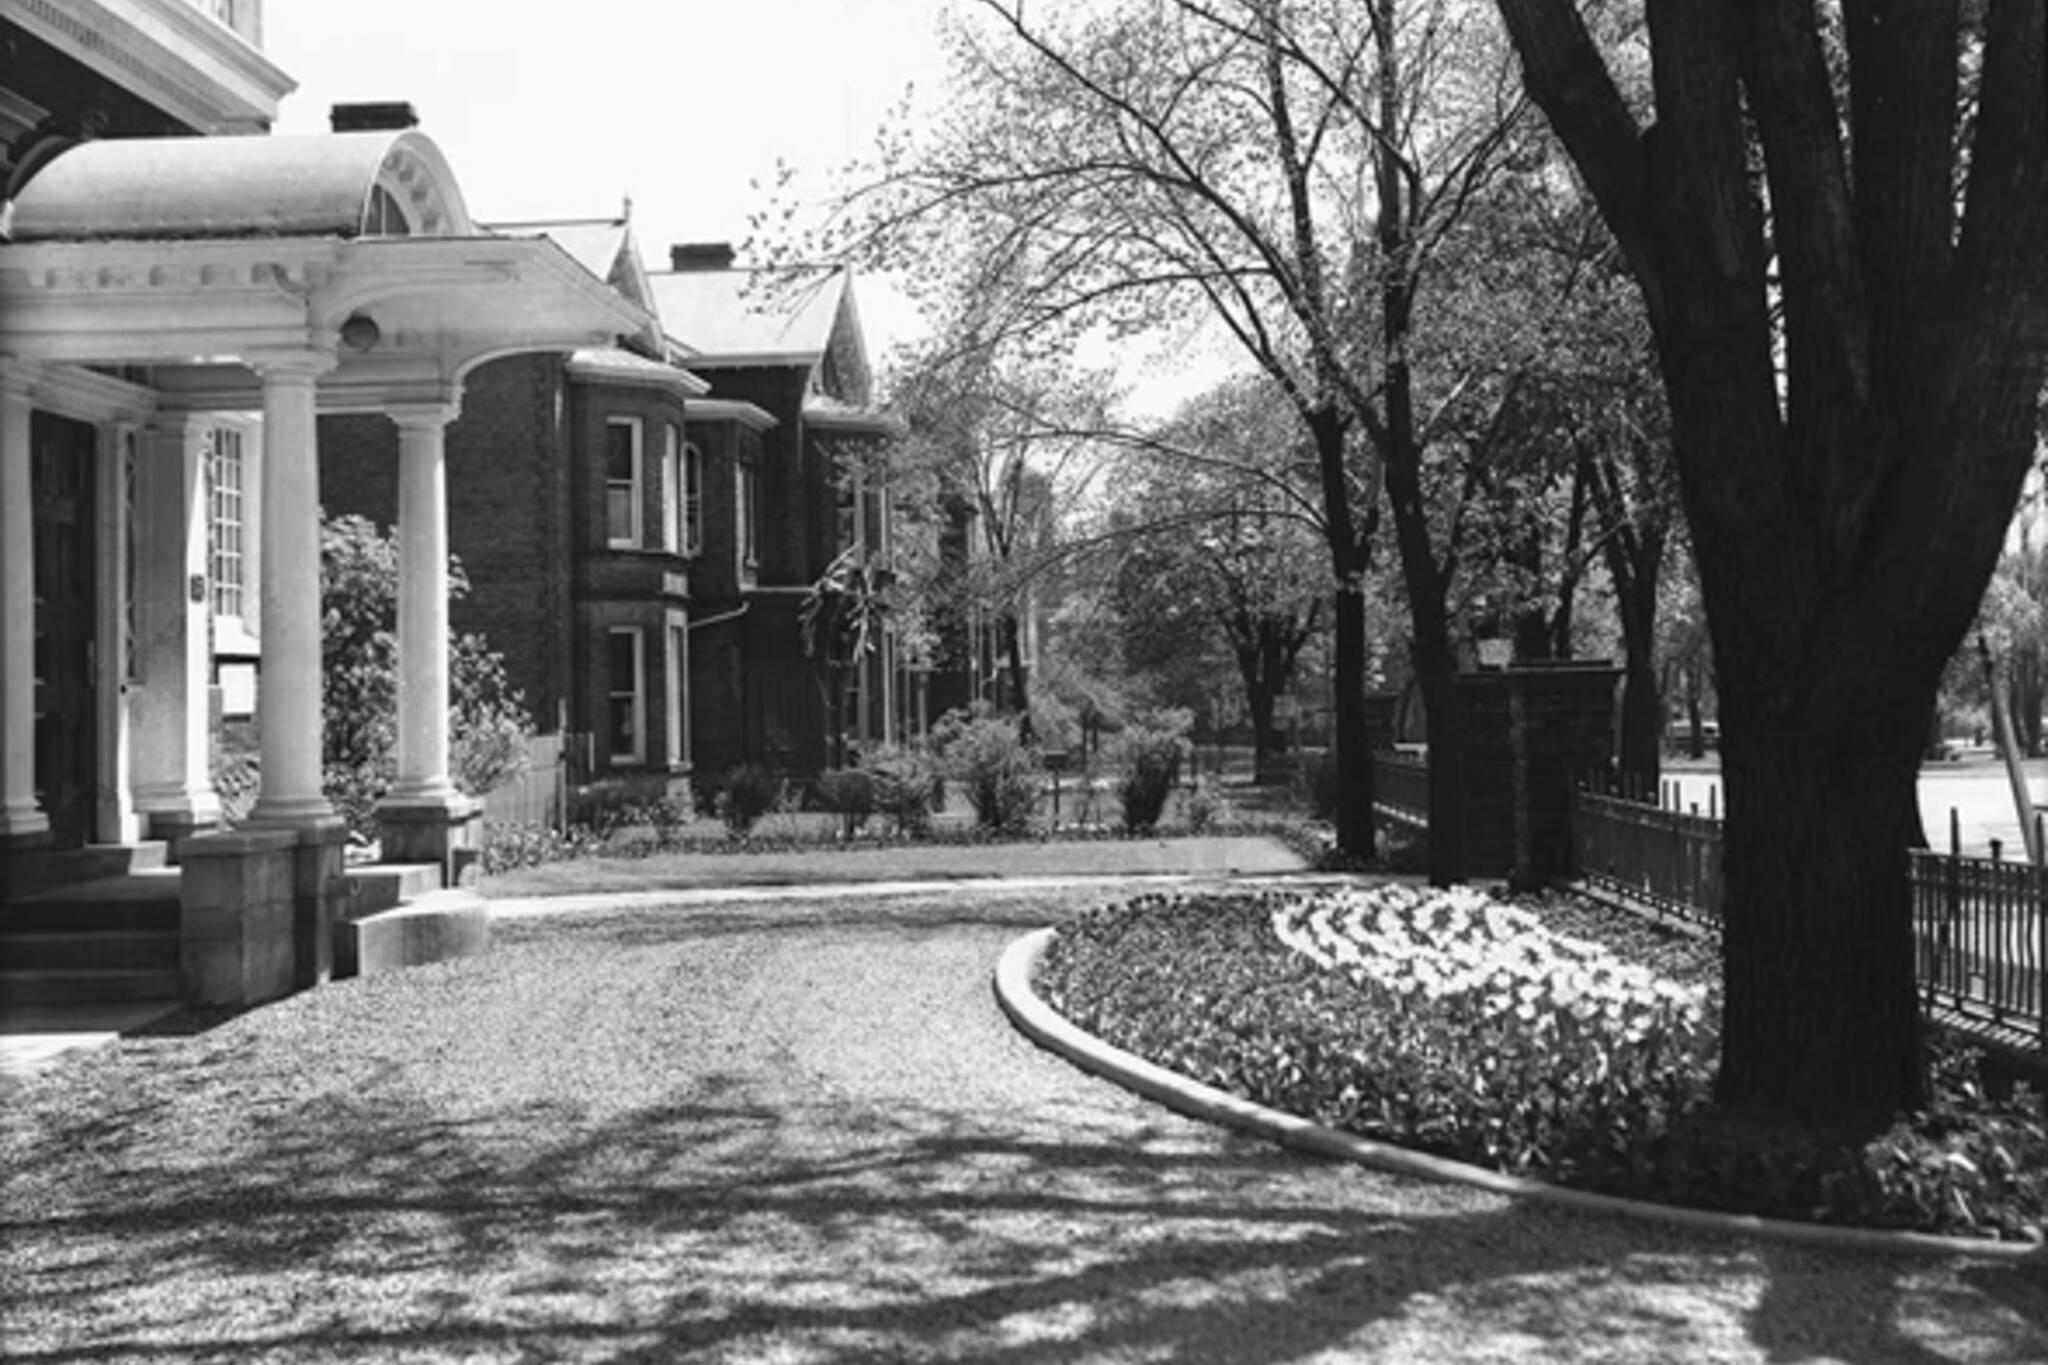 Christie Mansion, Regis College, Toronto, Robert Christie